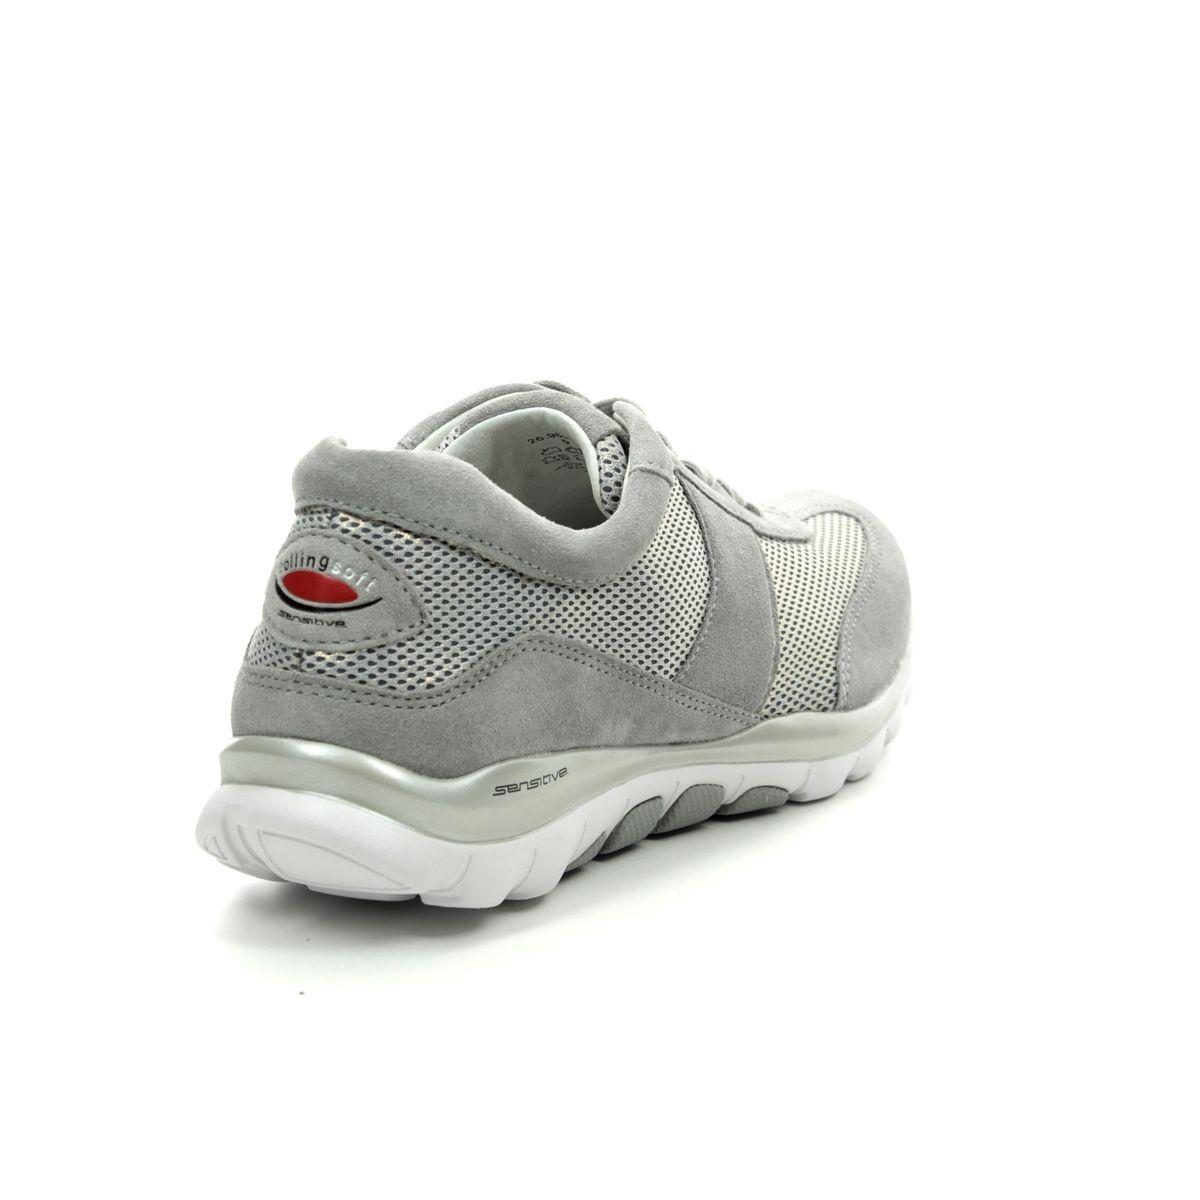 b93f361c7ad Gabor Trainers - Grey multi - 26.966.39 HELEN